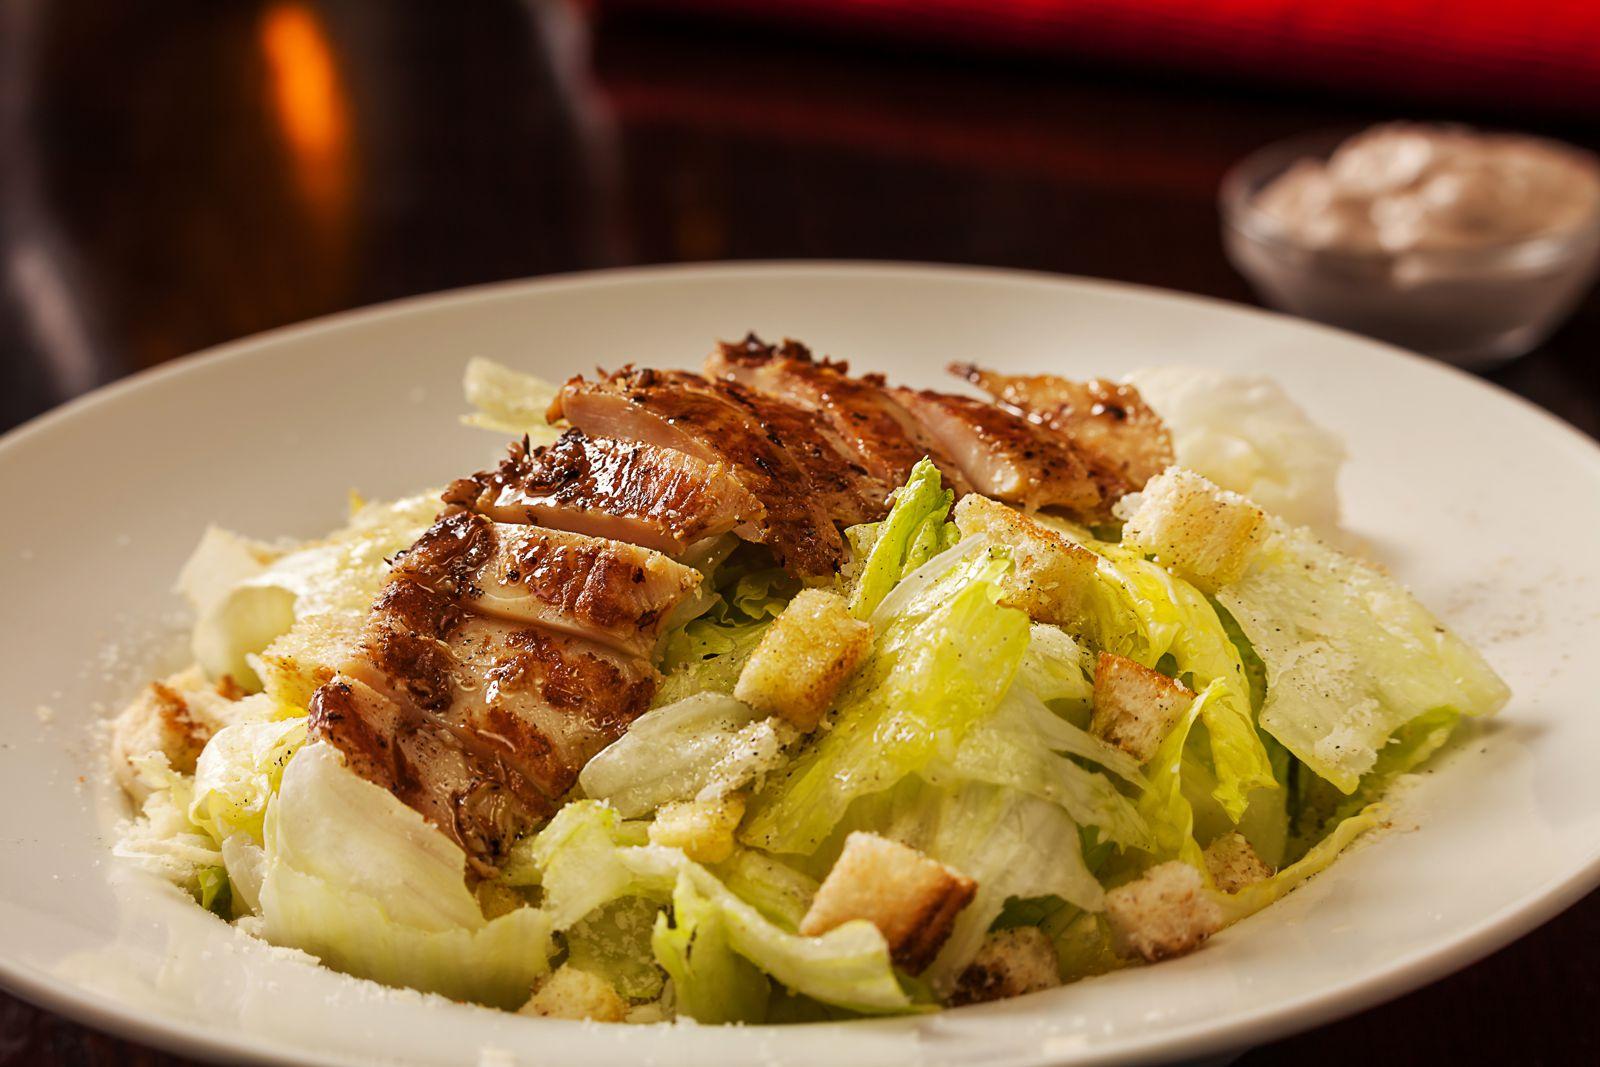 Luigis salads